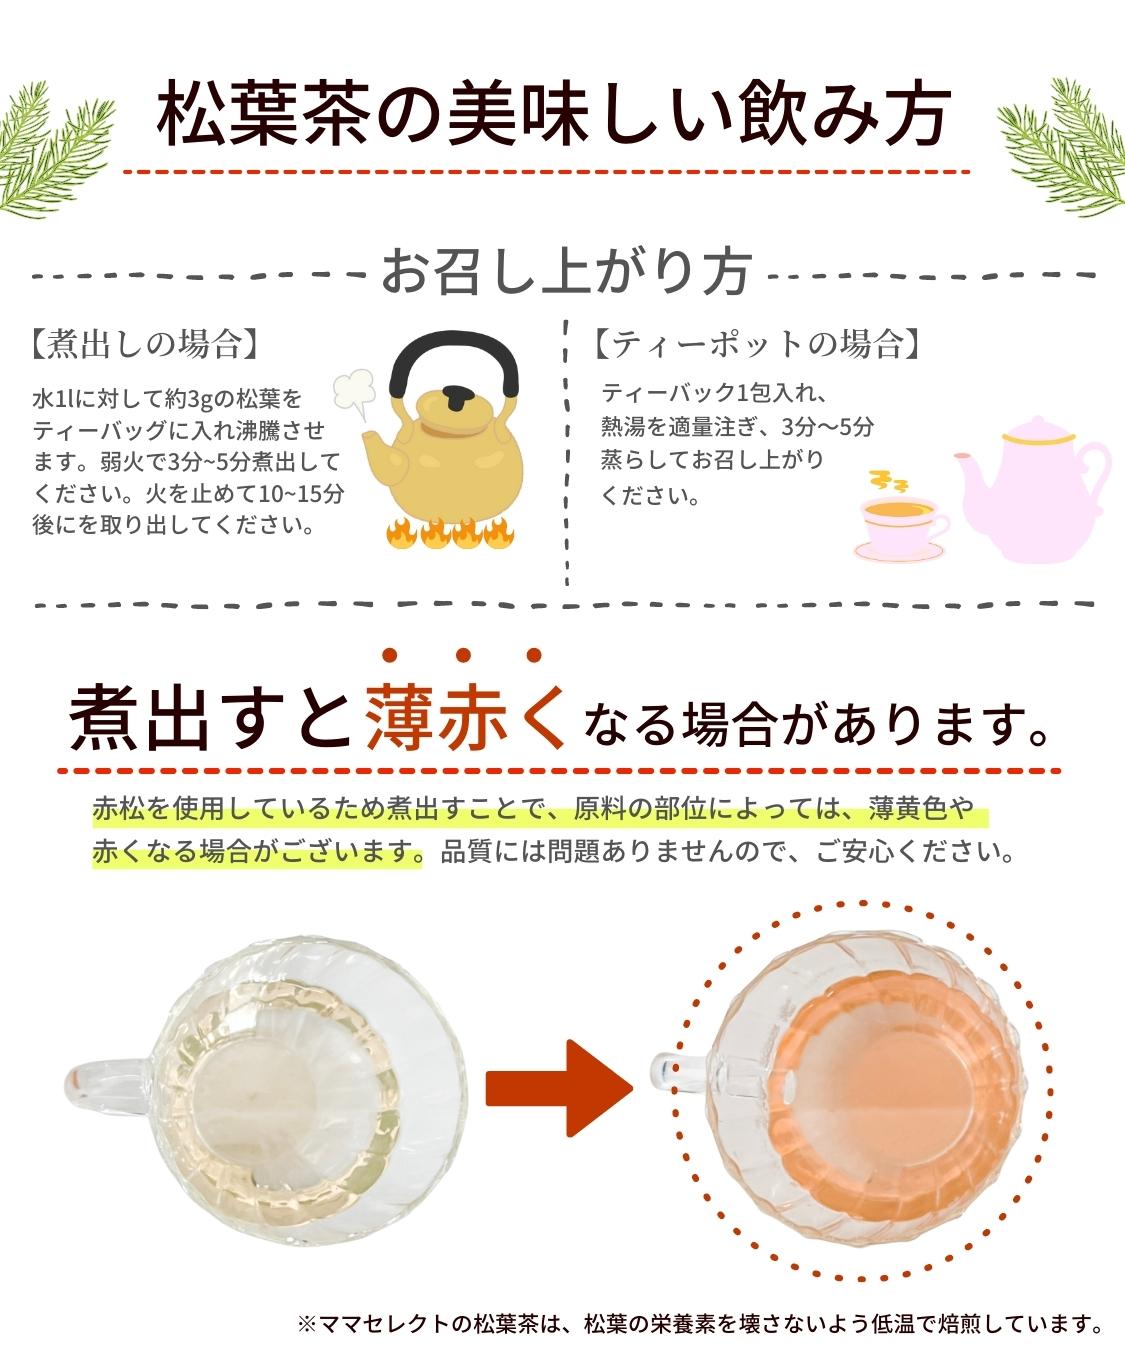 松葉茶の美味しい飲み方 冬は暖かく、夏はアイスで。ママセレクトの松葉茶は水出し用にはご用意していませんが、ホットで作っていただいた後に冷やすと美味しく